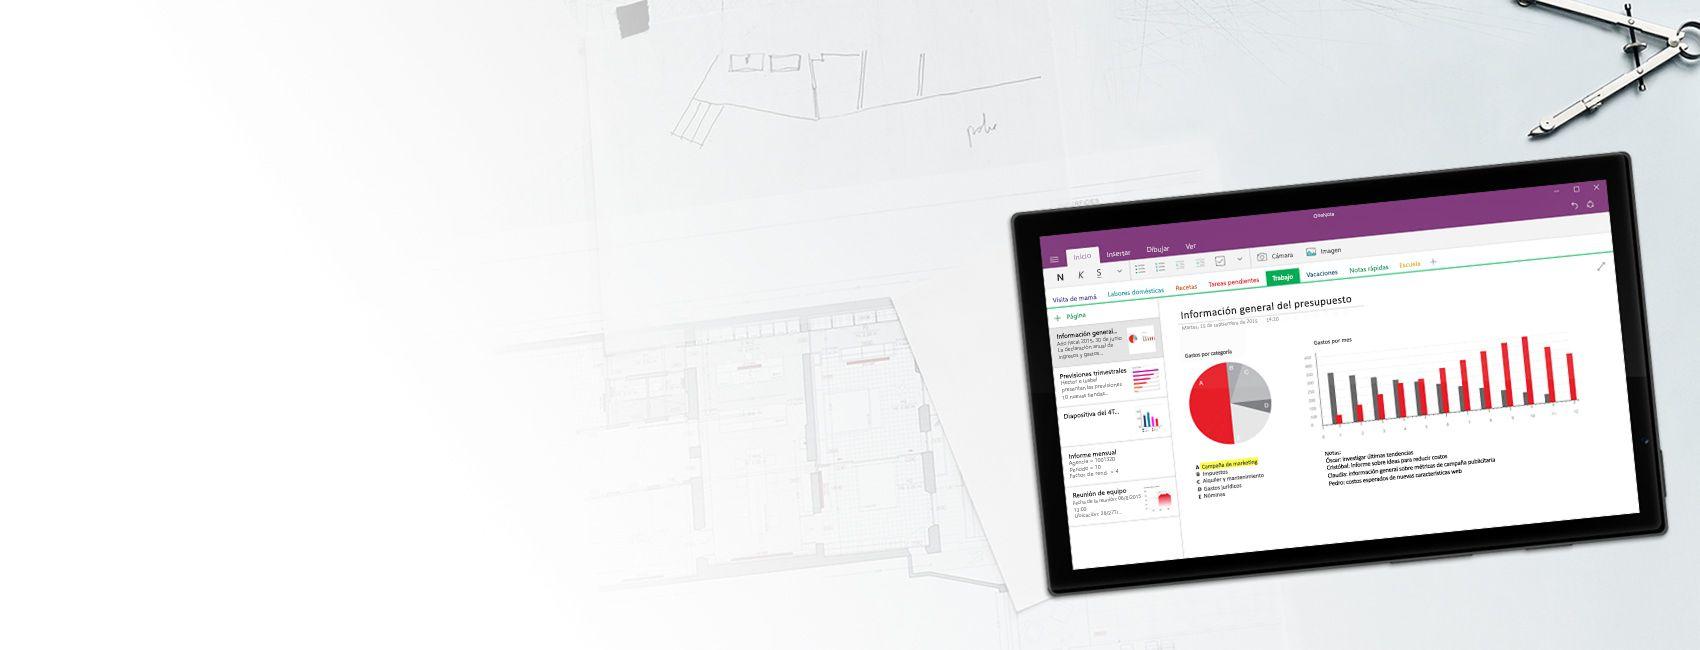 Tableta Windows en la que se muestra un bloc de notas de OneNote con diagramas y gráficos de visión general de presupuesto